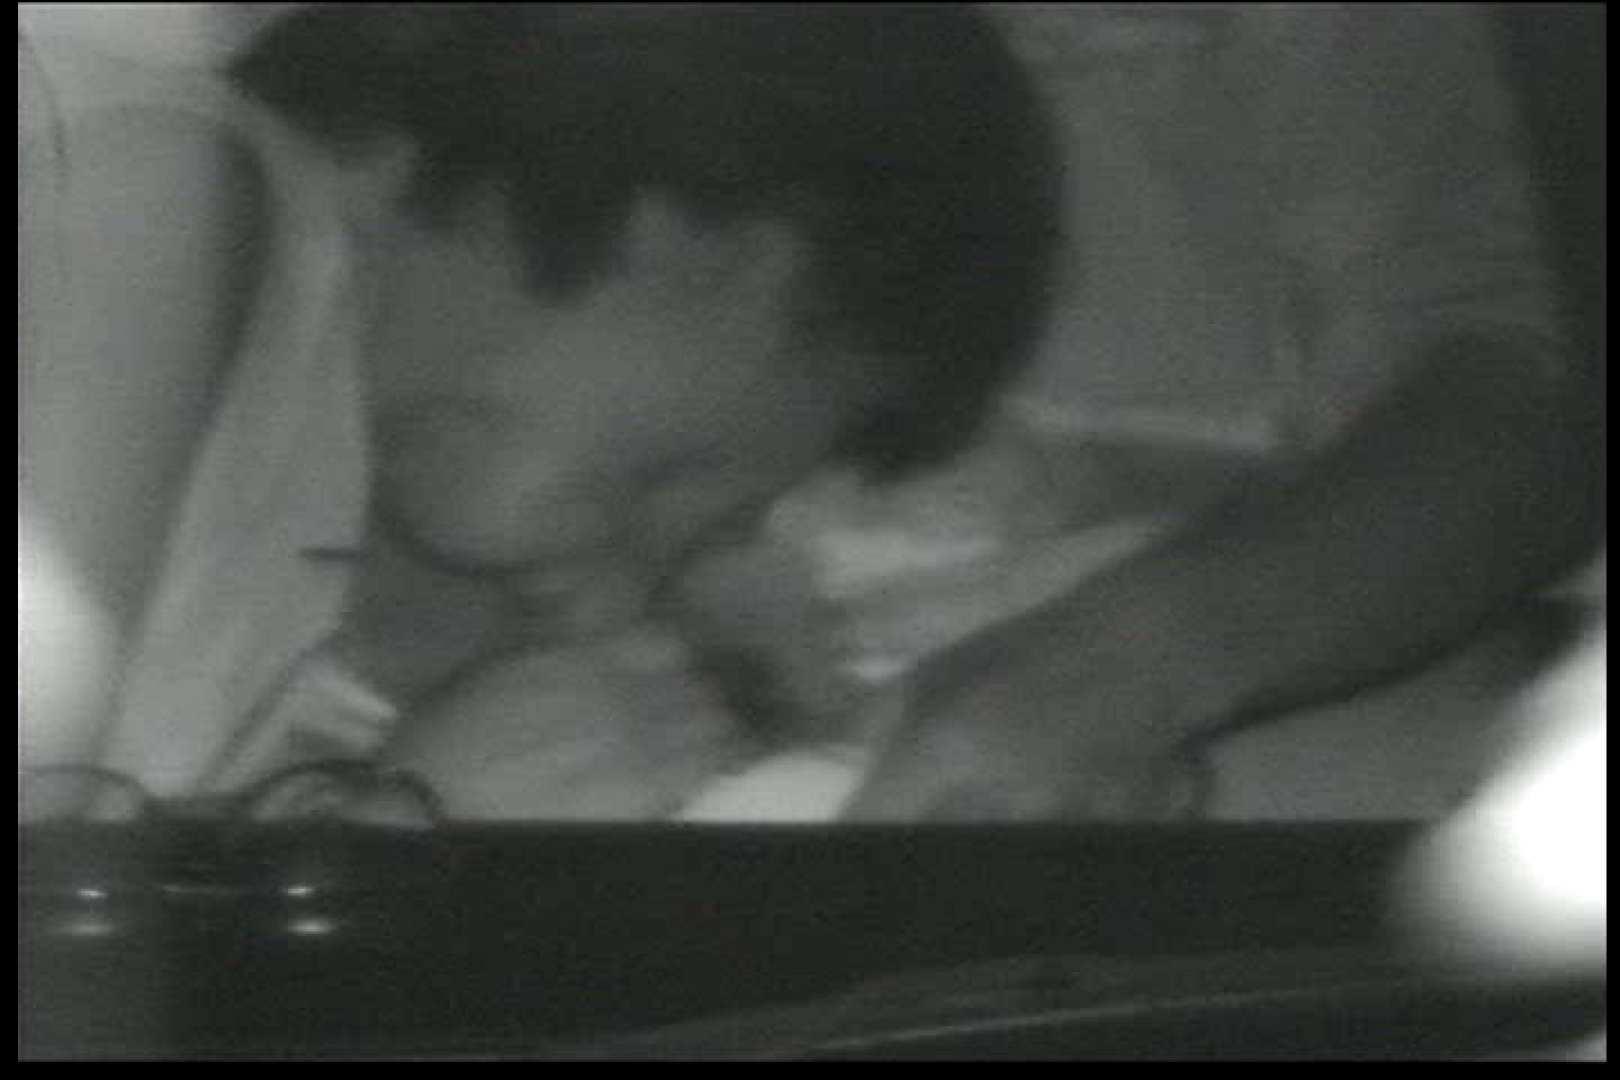 車の中はラブホテル 無修正版  Vol.12 セックス ヌード画像 35pic 20